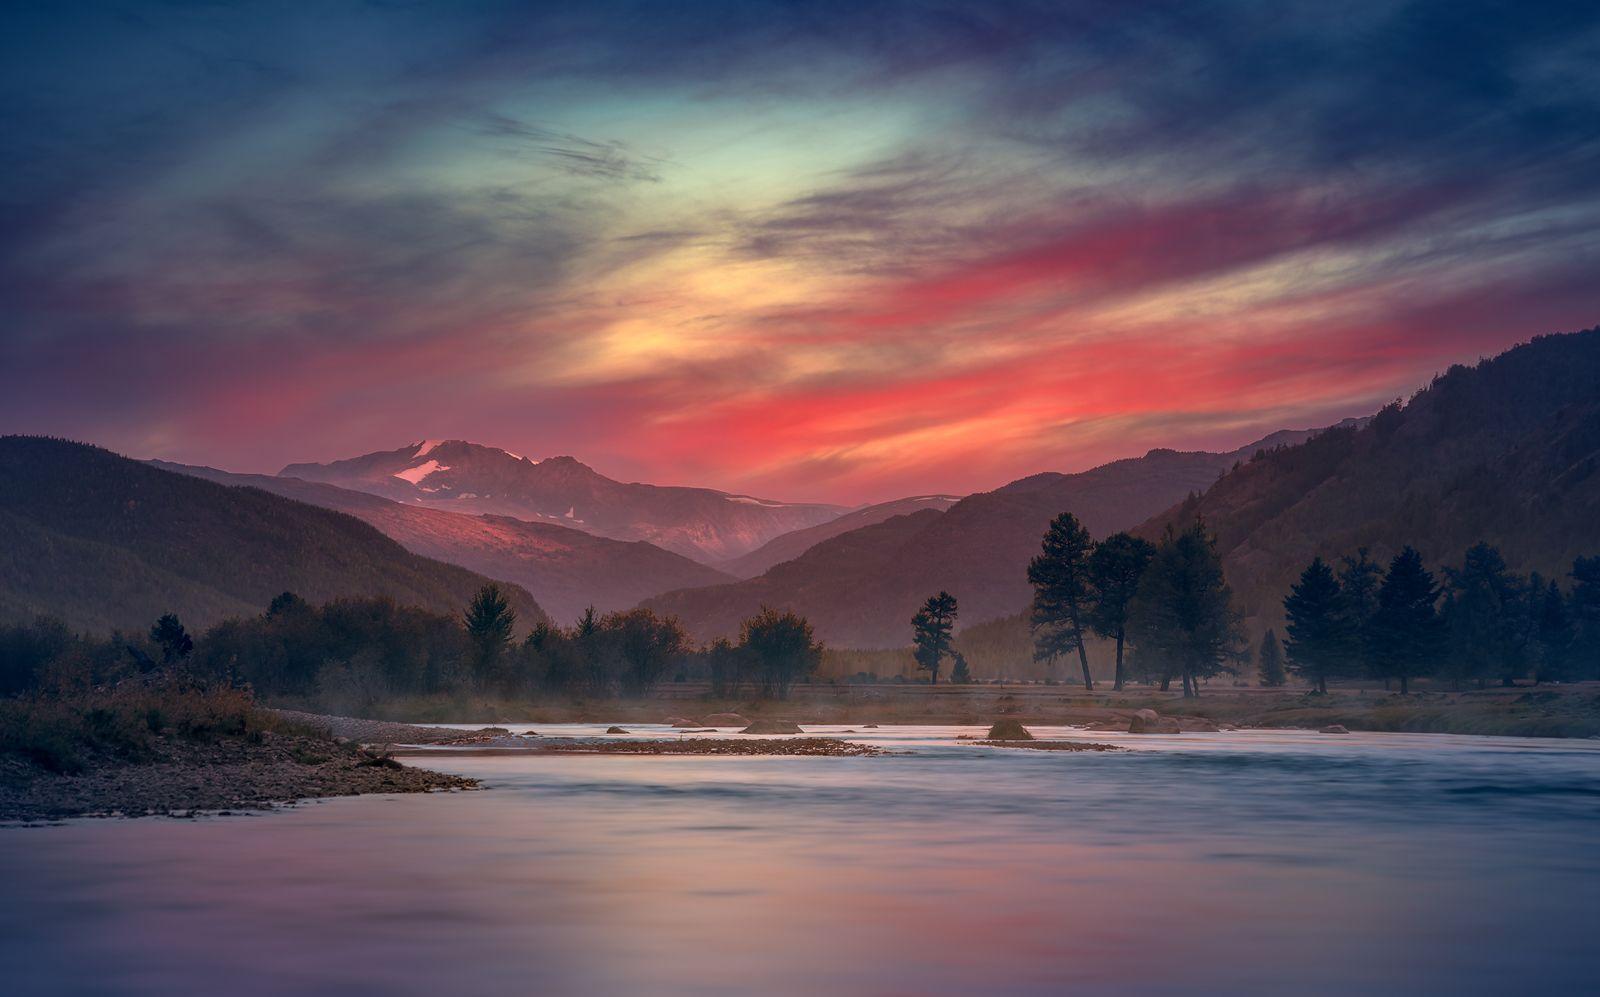 пейзаж, природа, закат, вечер, река, речка, облака, небо, горы, степь, самаха, деревья, вода, отражения, красный, алтай, Антипов Дмитрий